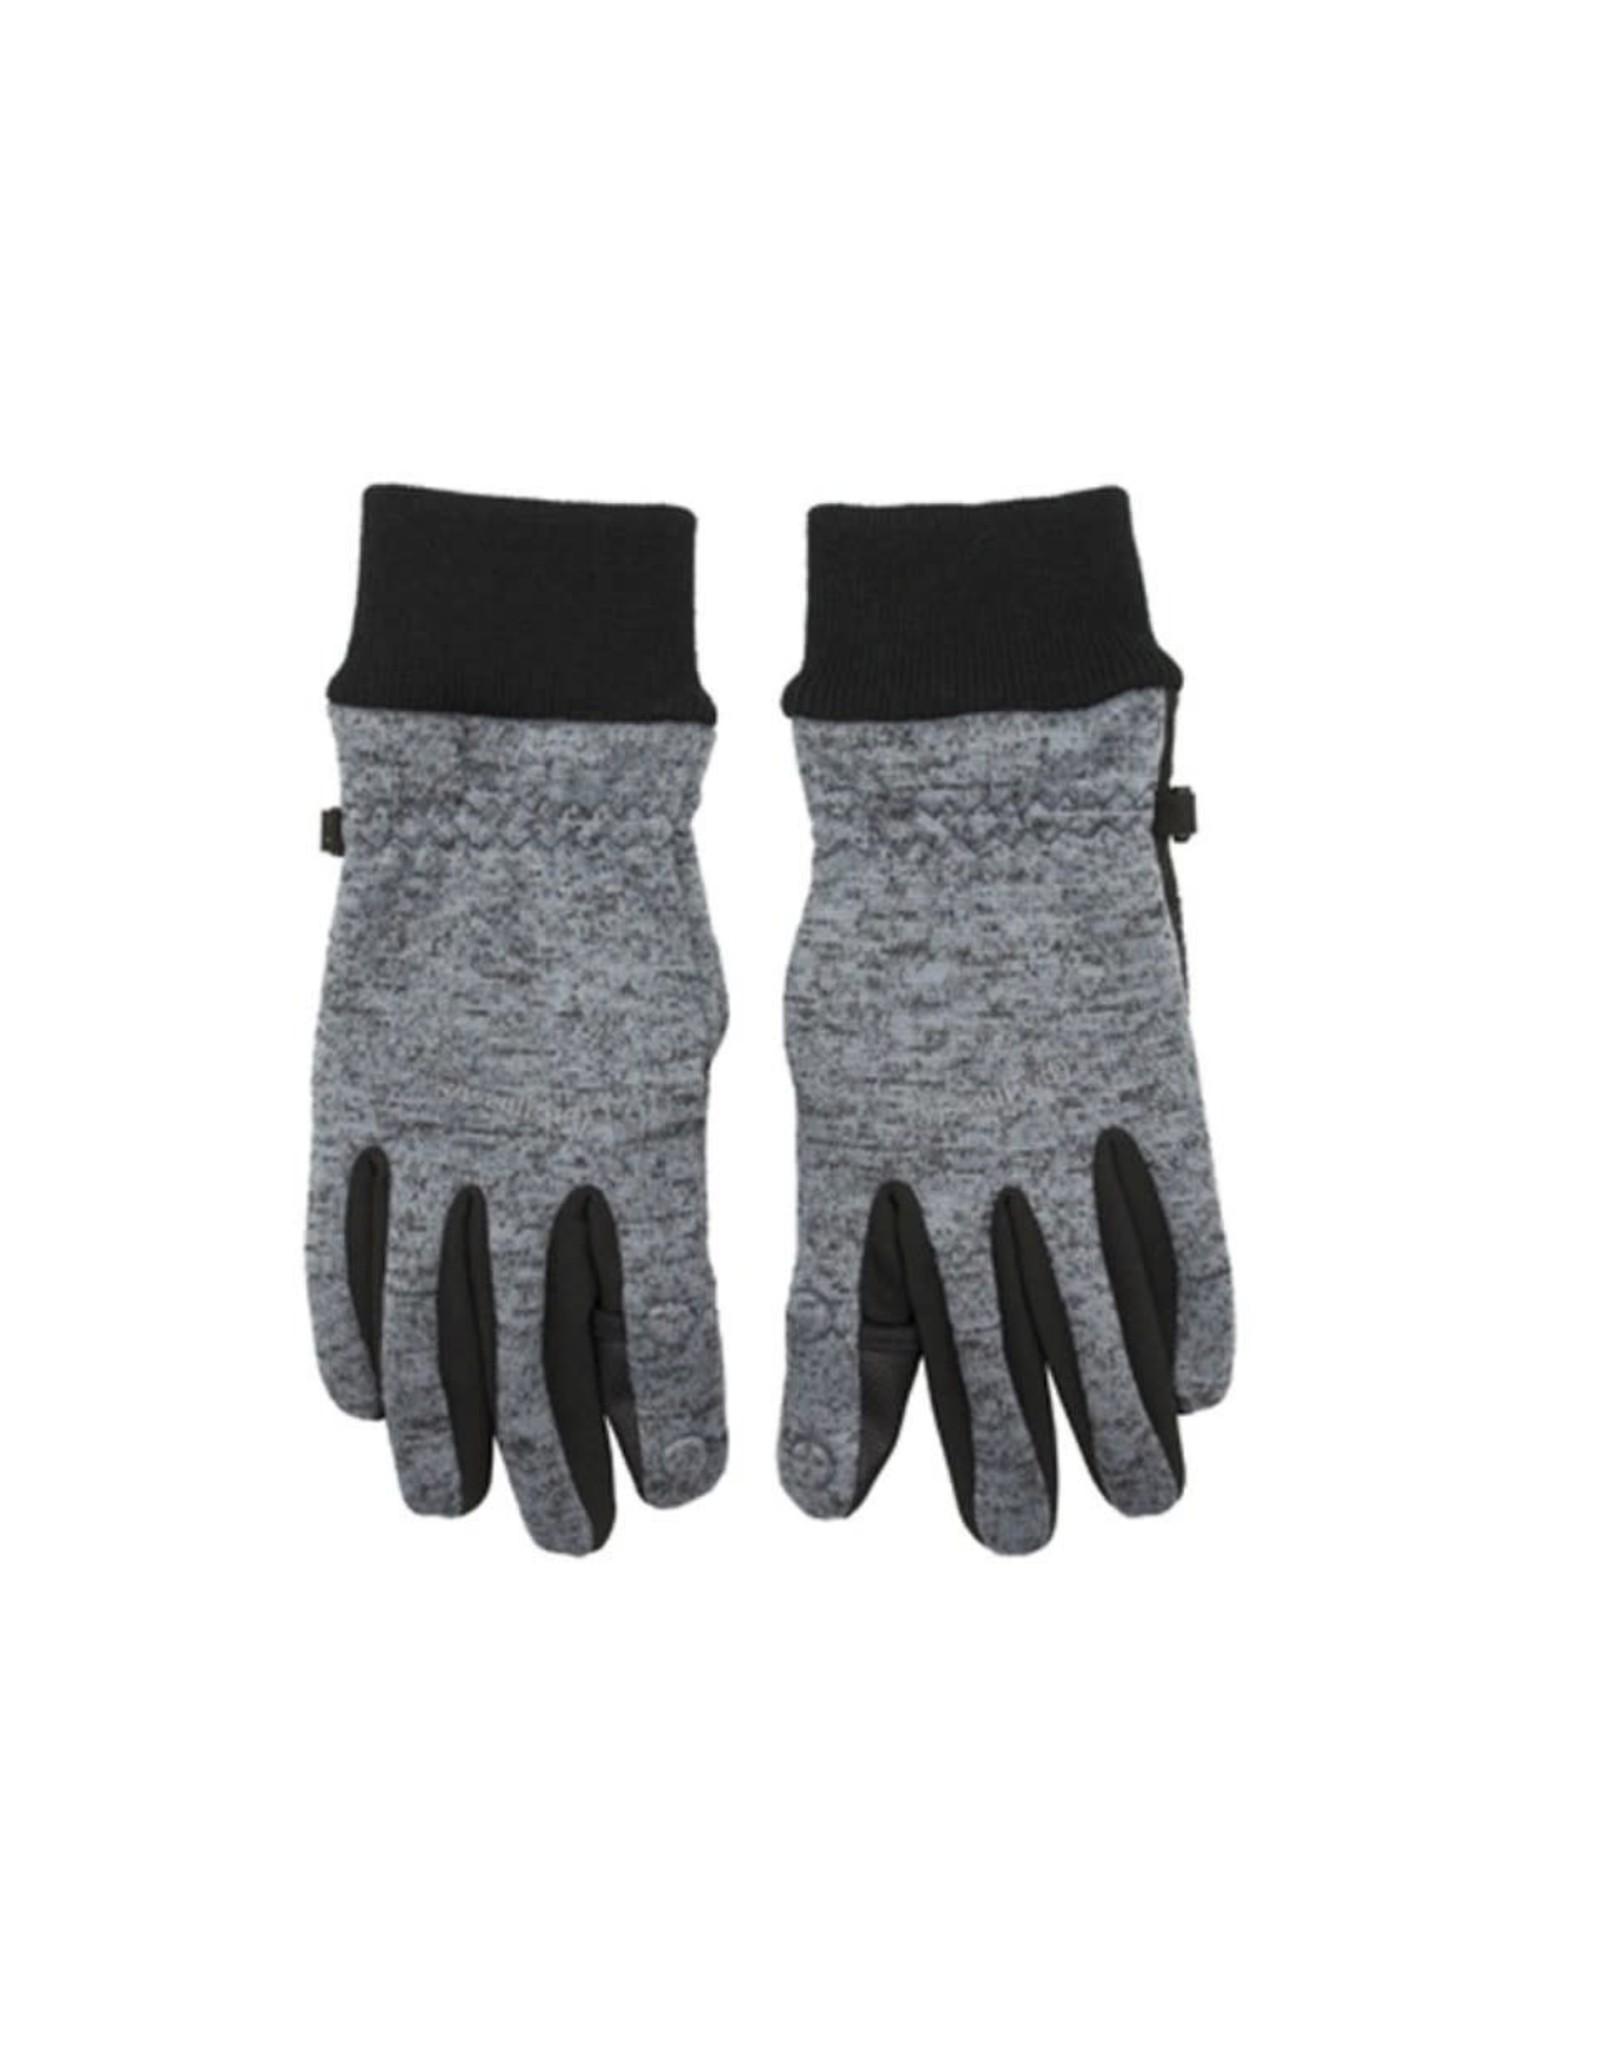 ProMaster ProMaster Gloves V1 -Med - Grey